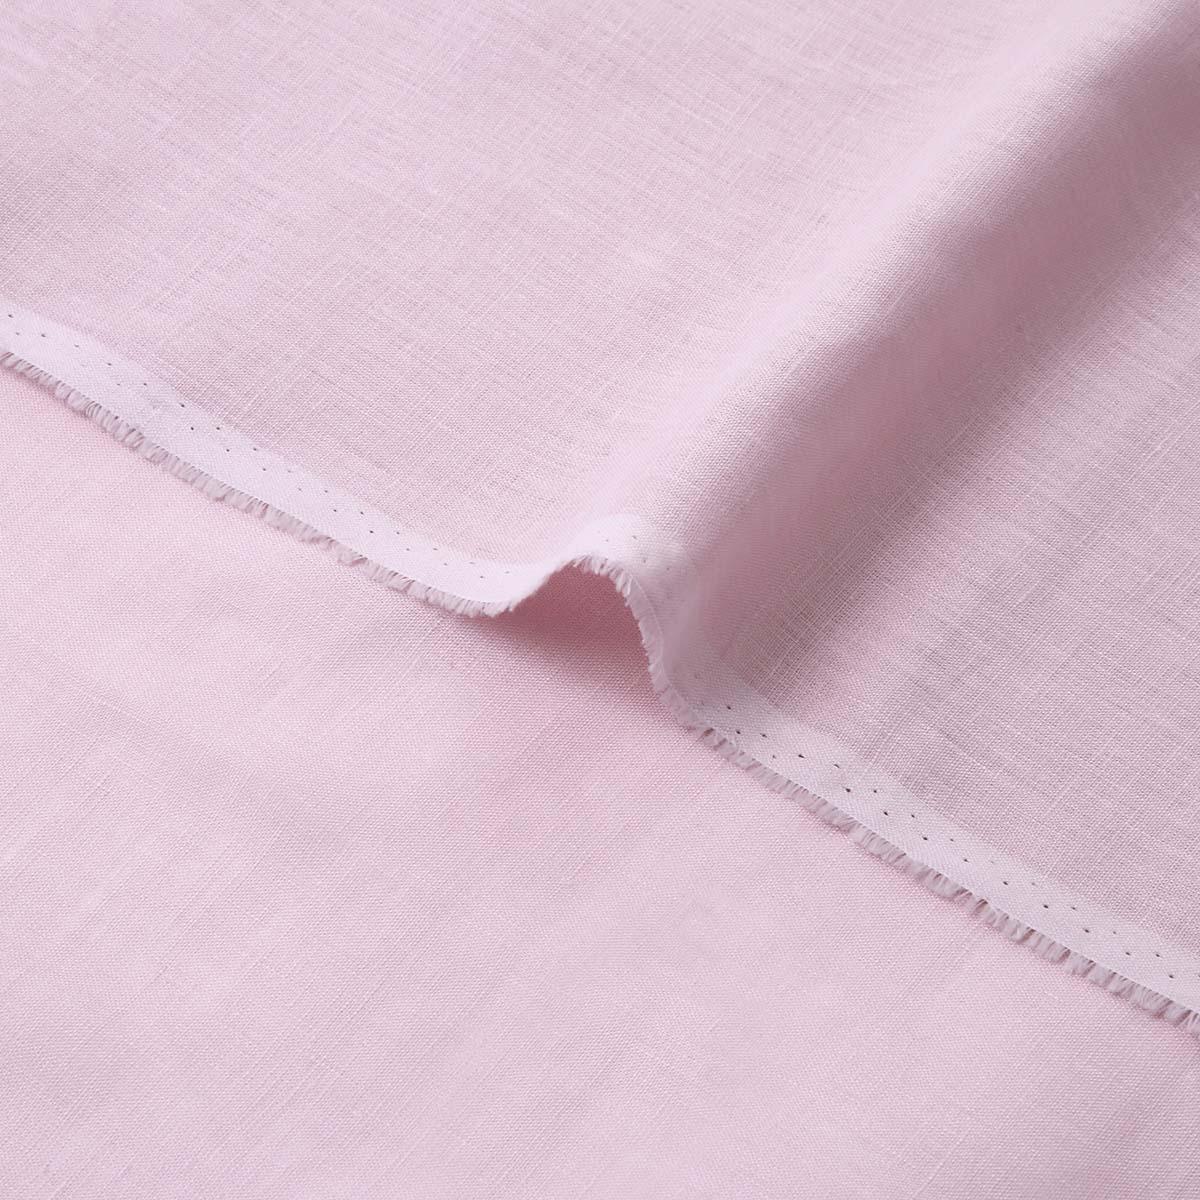 150cm巾【 リネン 100%生地 】 パープルピンク 薄地 1m単位 R0078-236【シャツ、スカート、ワンピースに最適】